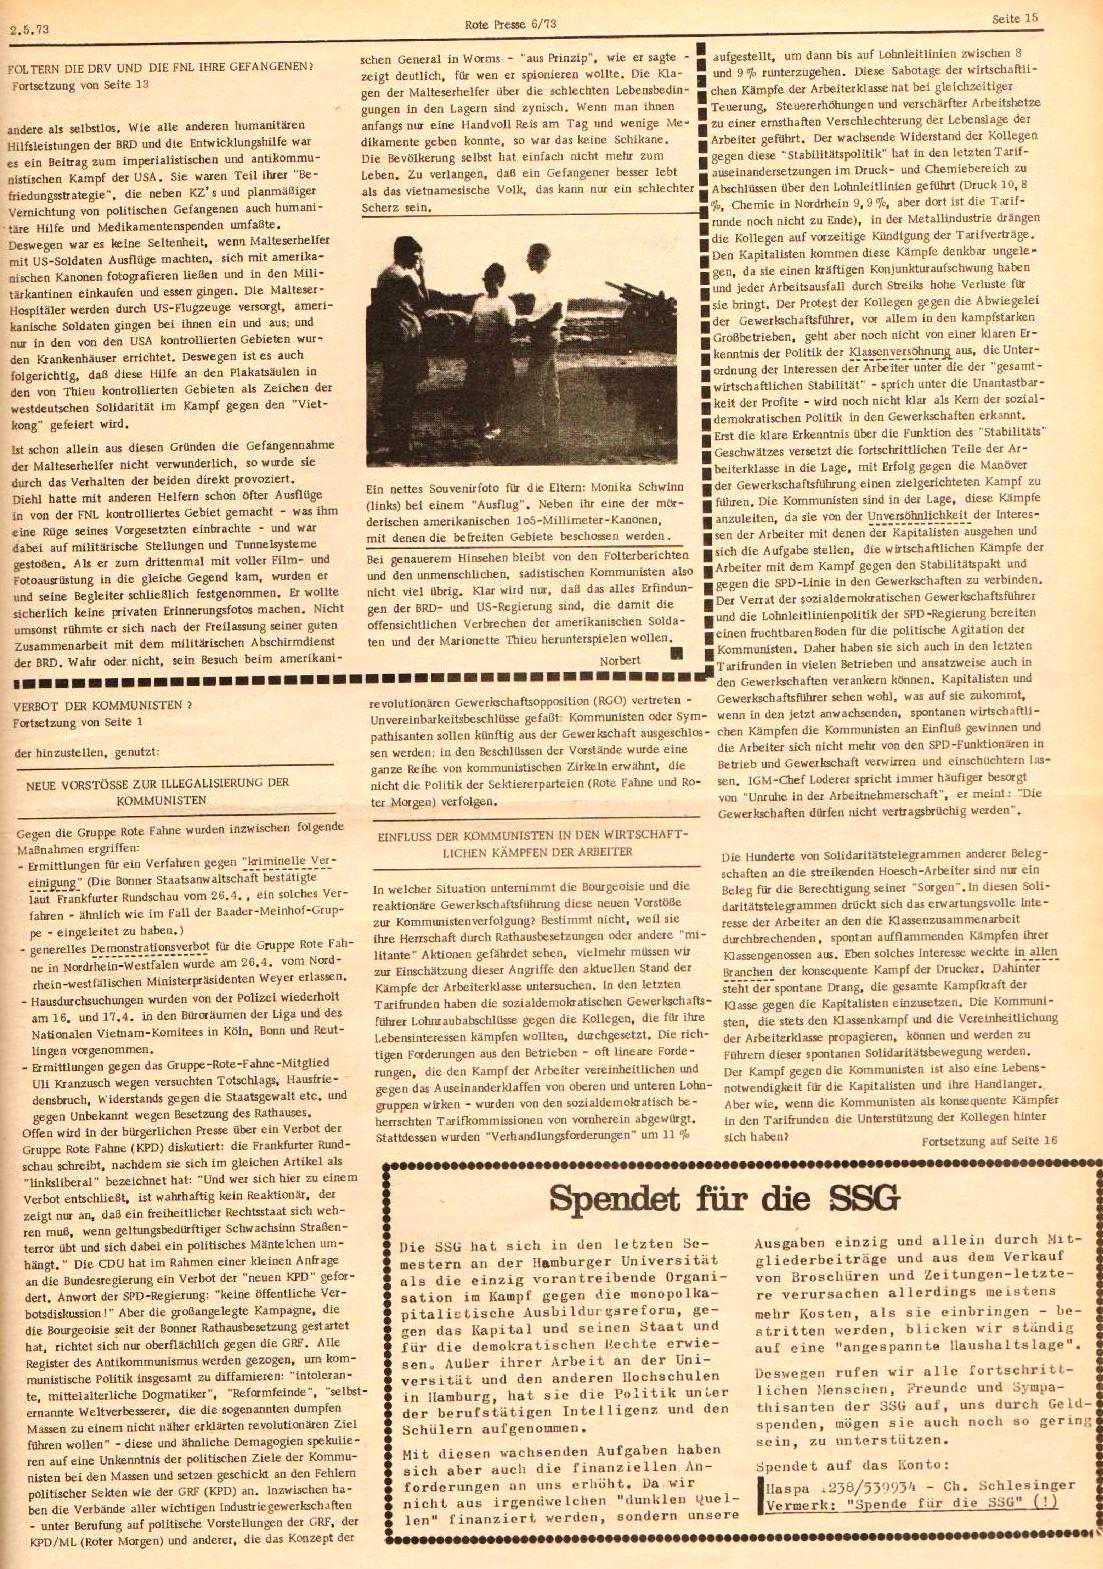 Hamburg_Rote_Presse182